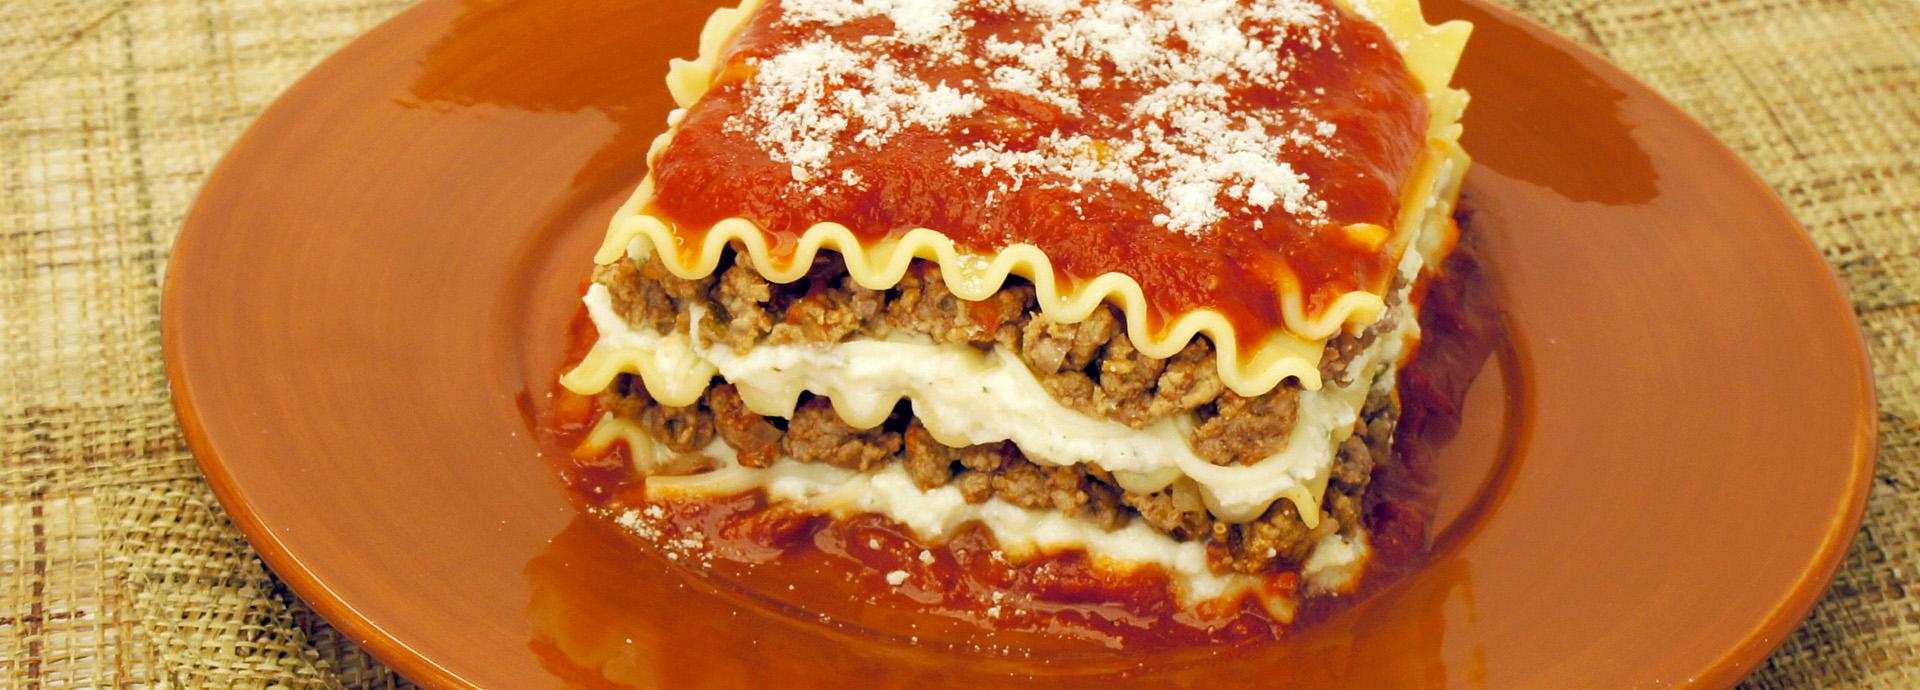 Elbow Macaroni Rigatoni